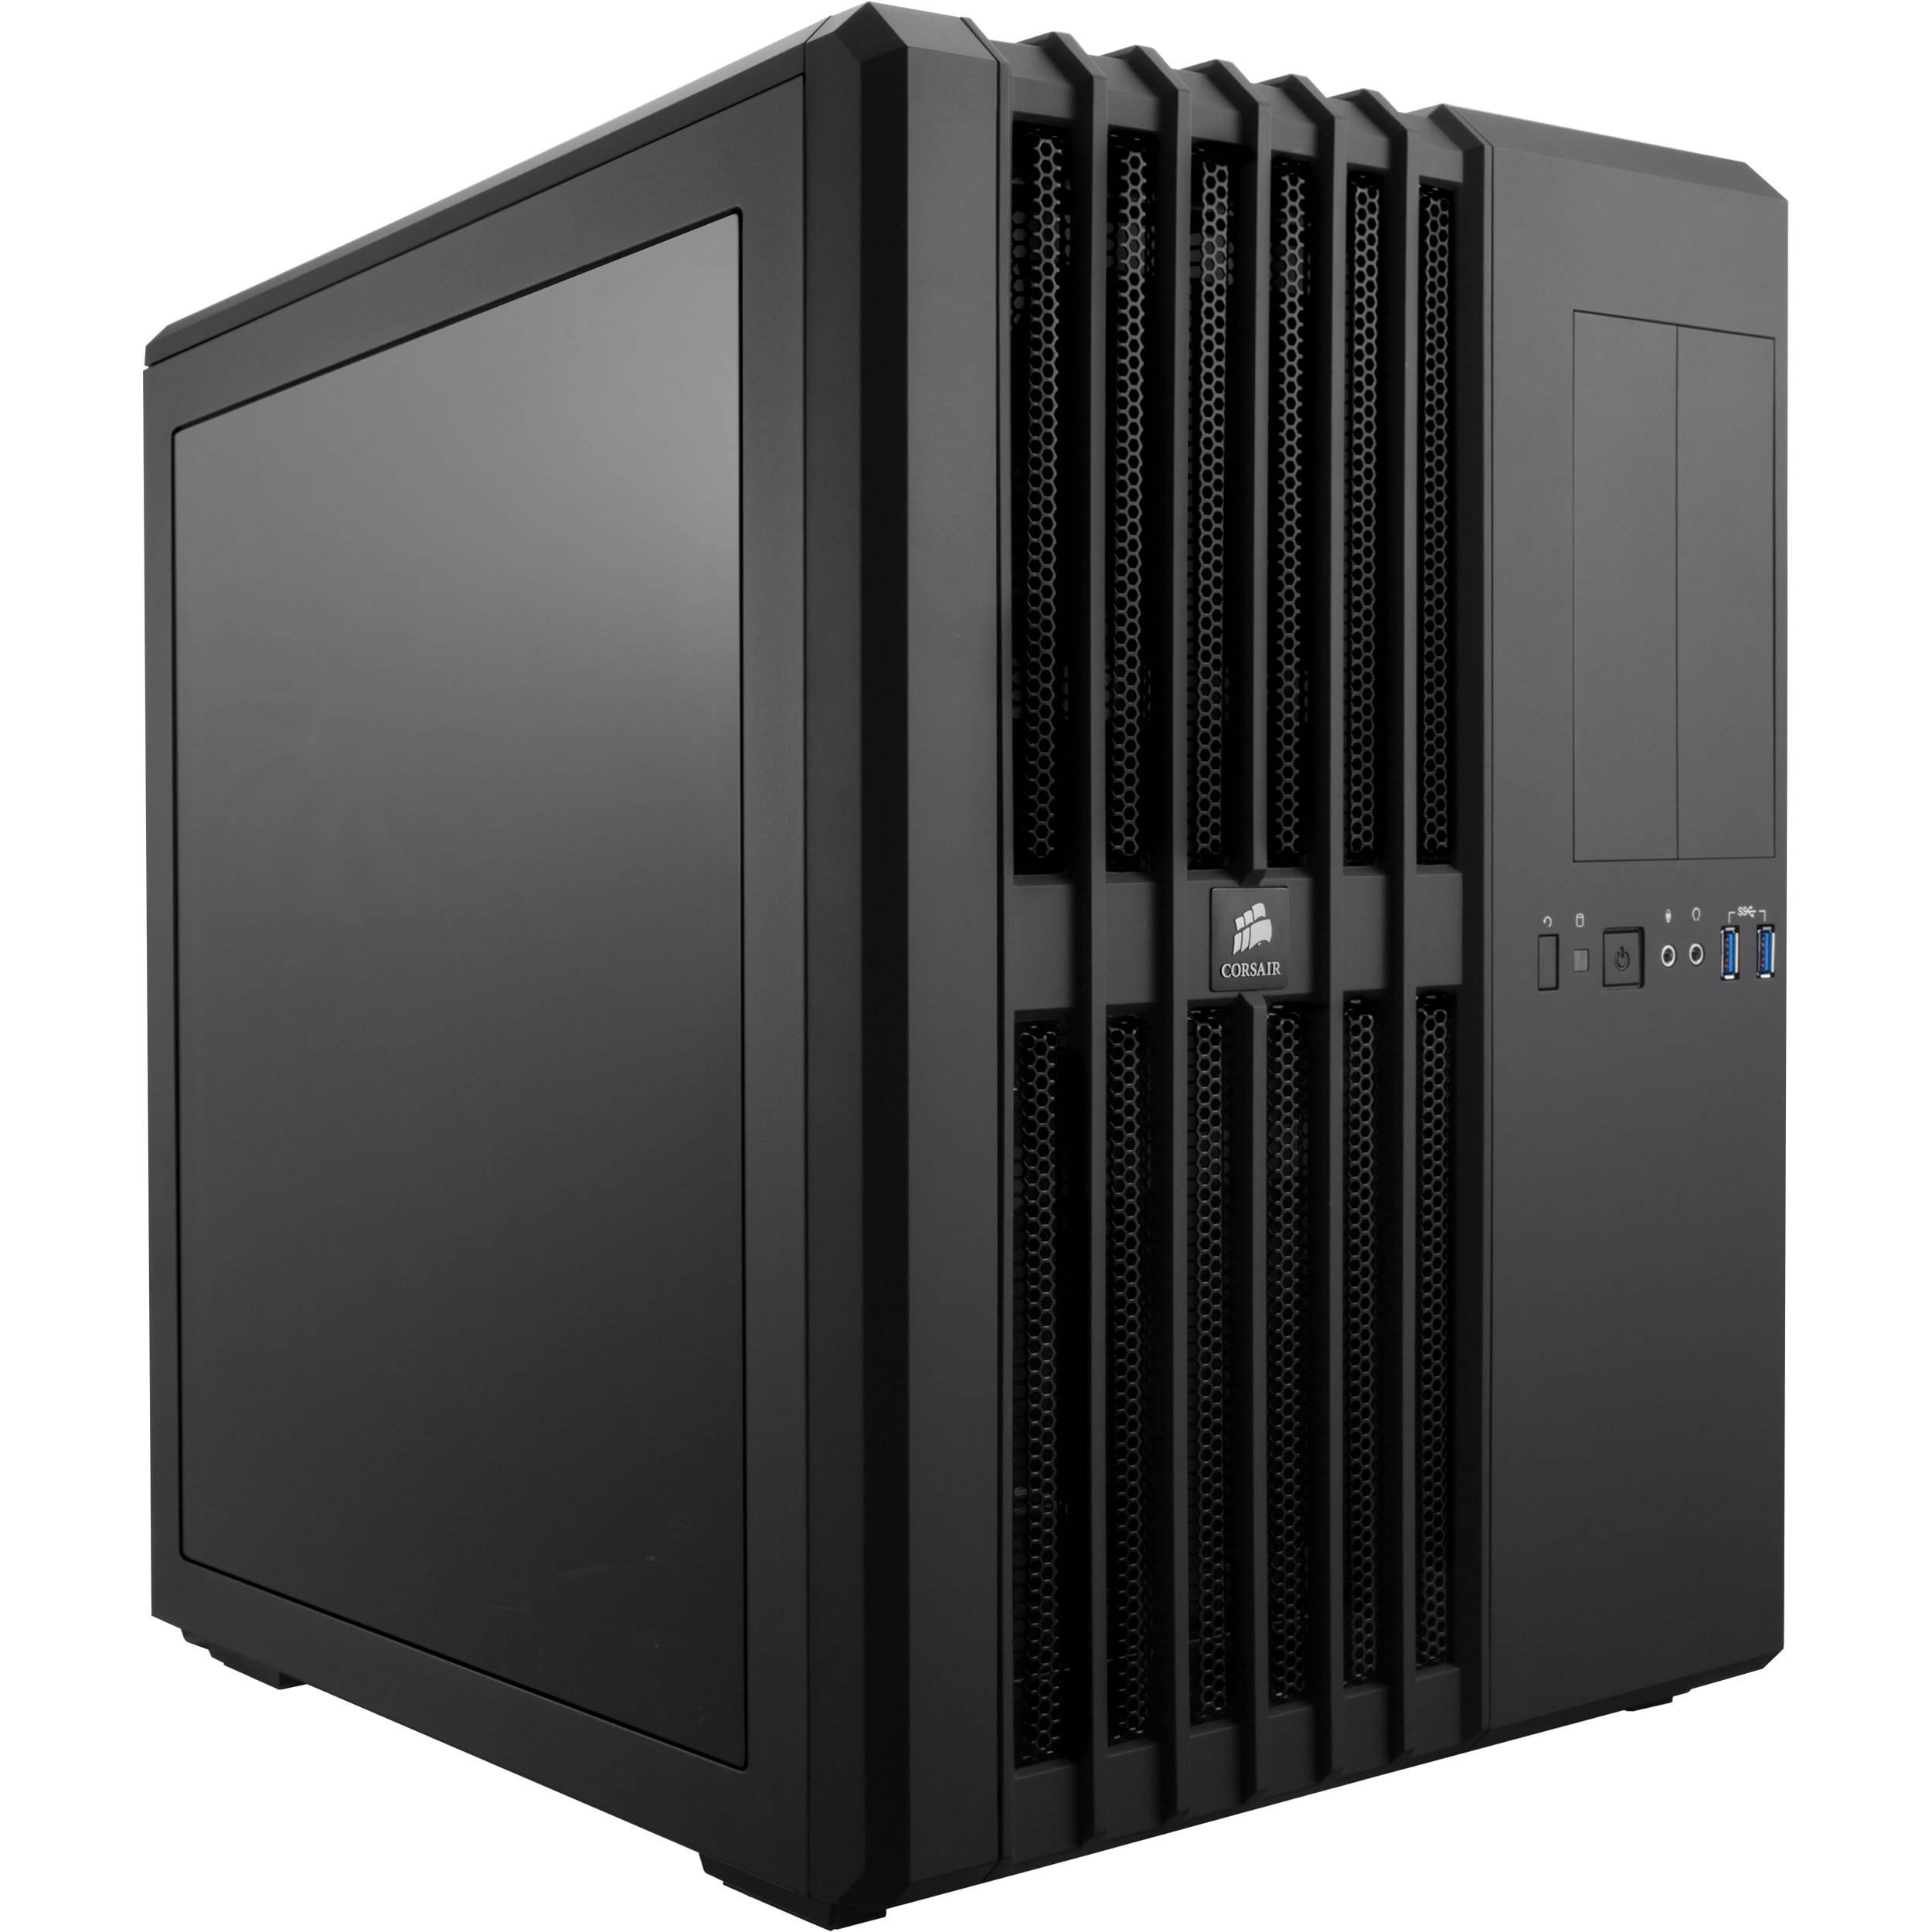 corsair_cc_9011030_ww_carbide_air_540_high_airflow_1160575 corsair carbide series air 540 high airflow atx cc 9011030 ww Carbide Air 240 DVD Mod at crackthecode.co